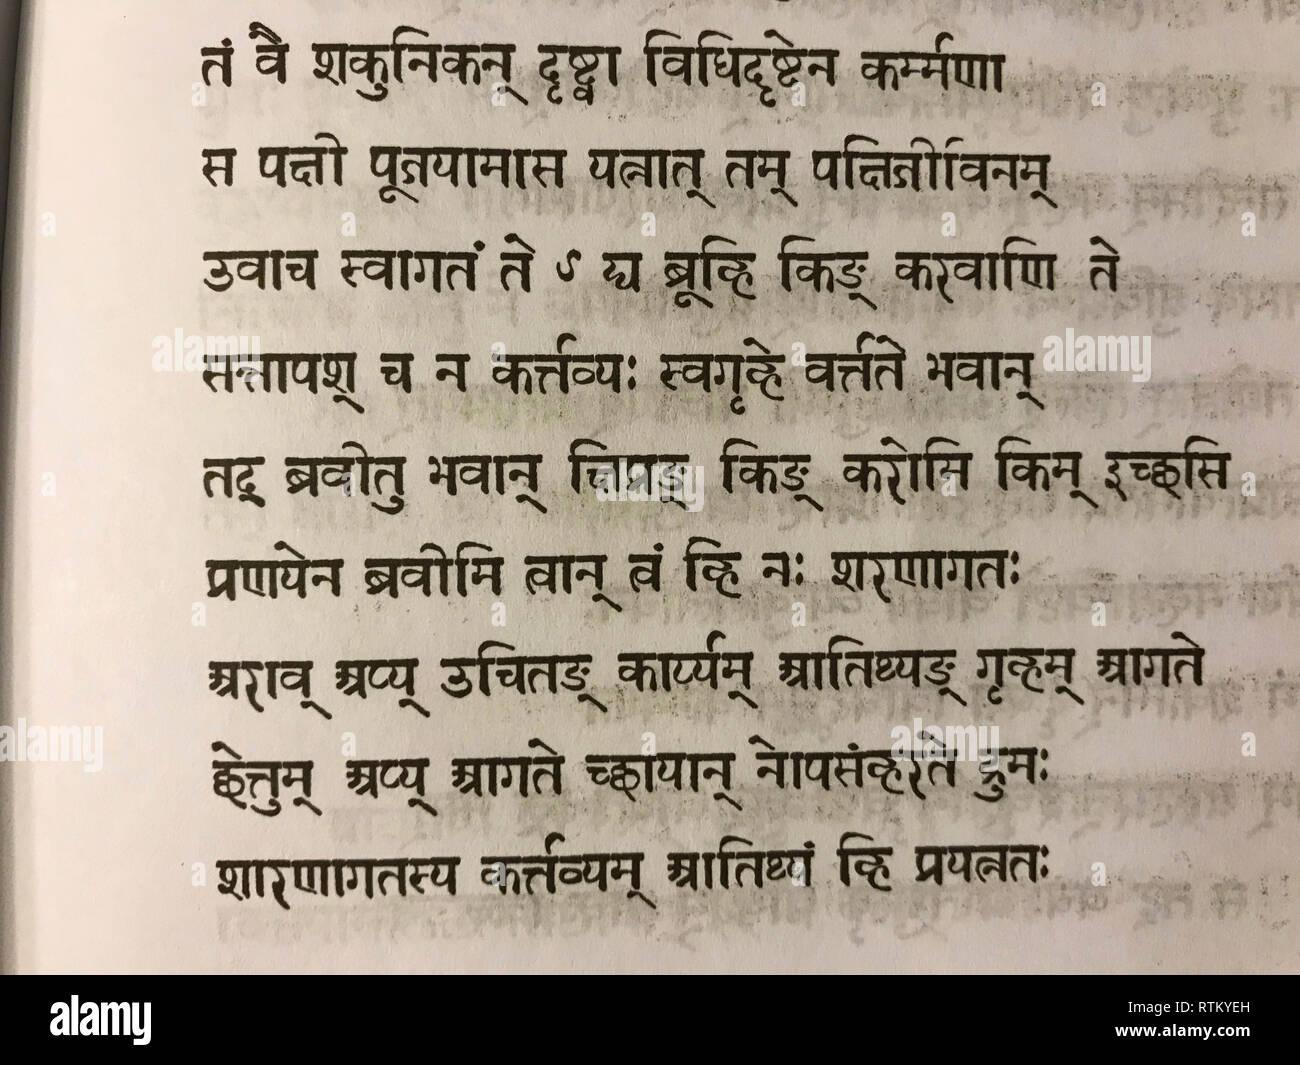 Sanskrit Text Stock Photos & Sanskrit Text Stock Images - Alamy